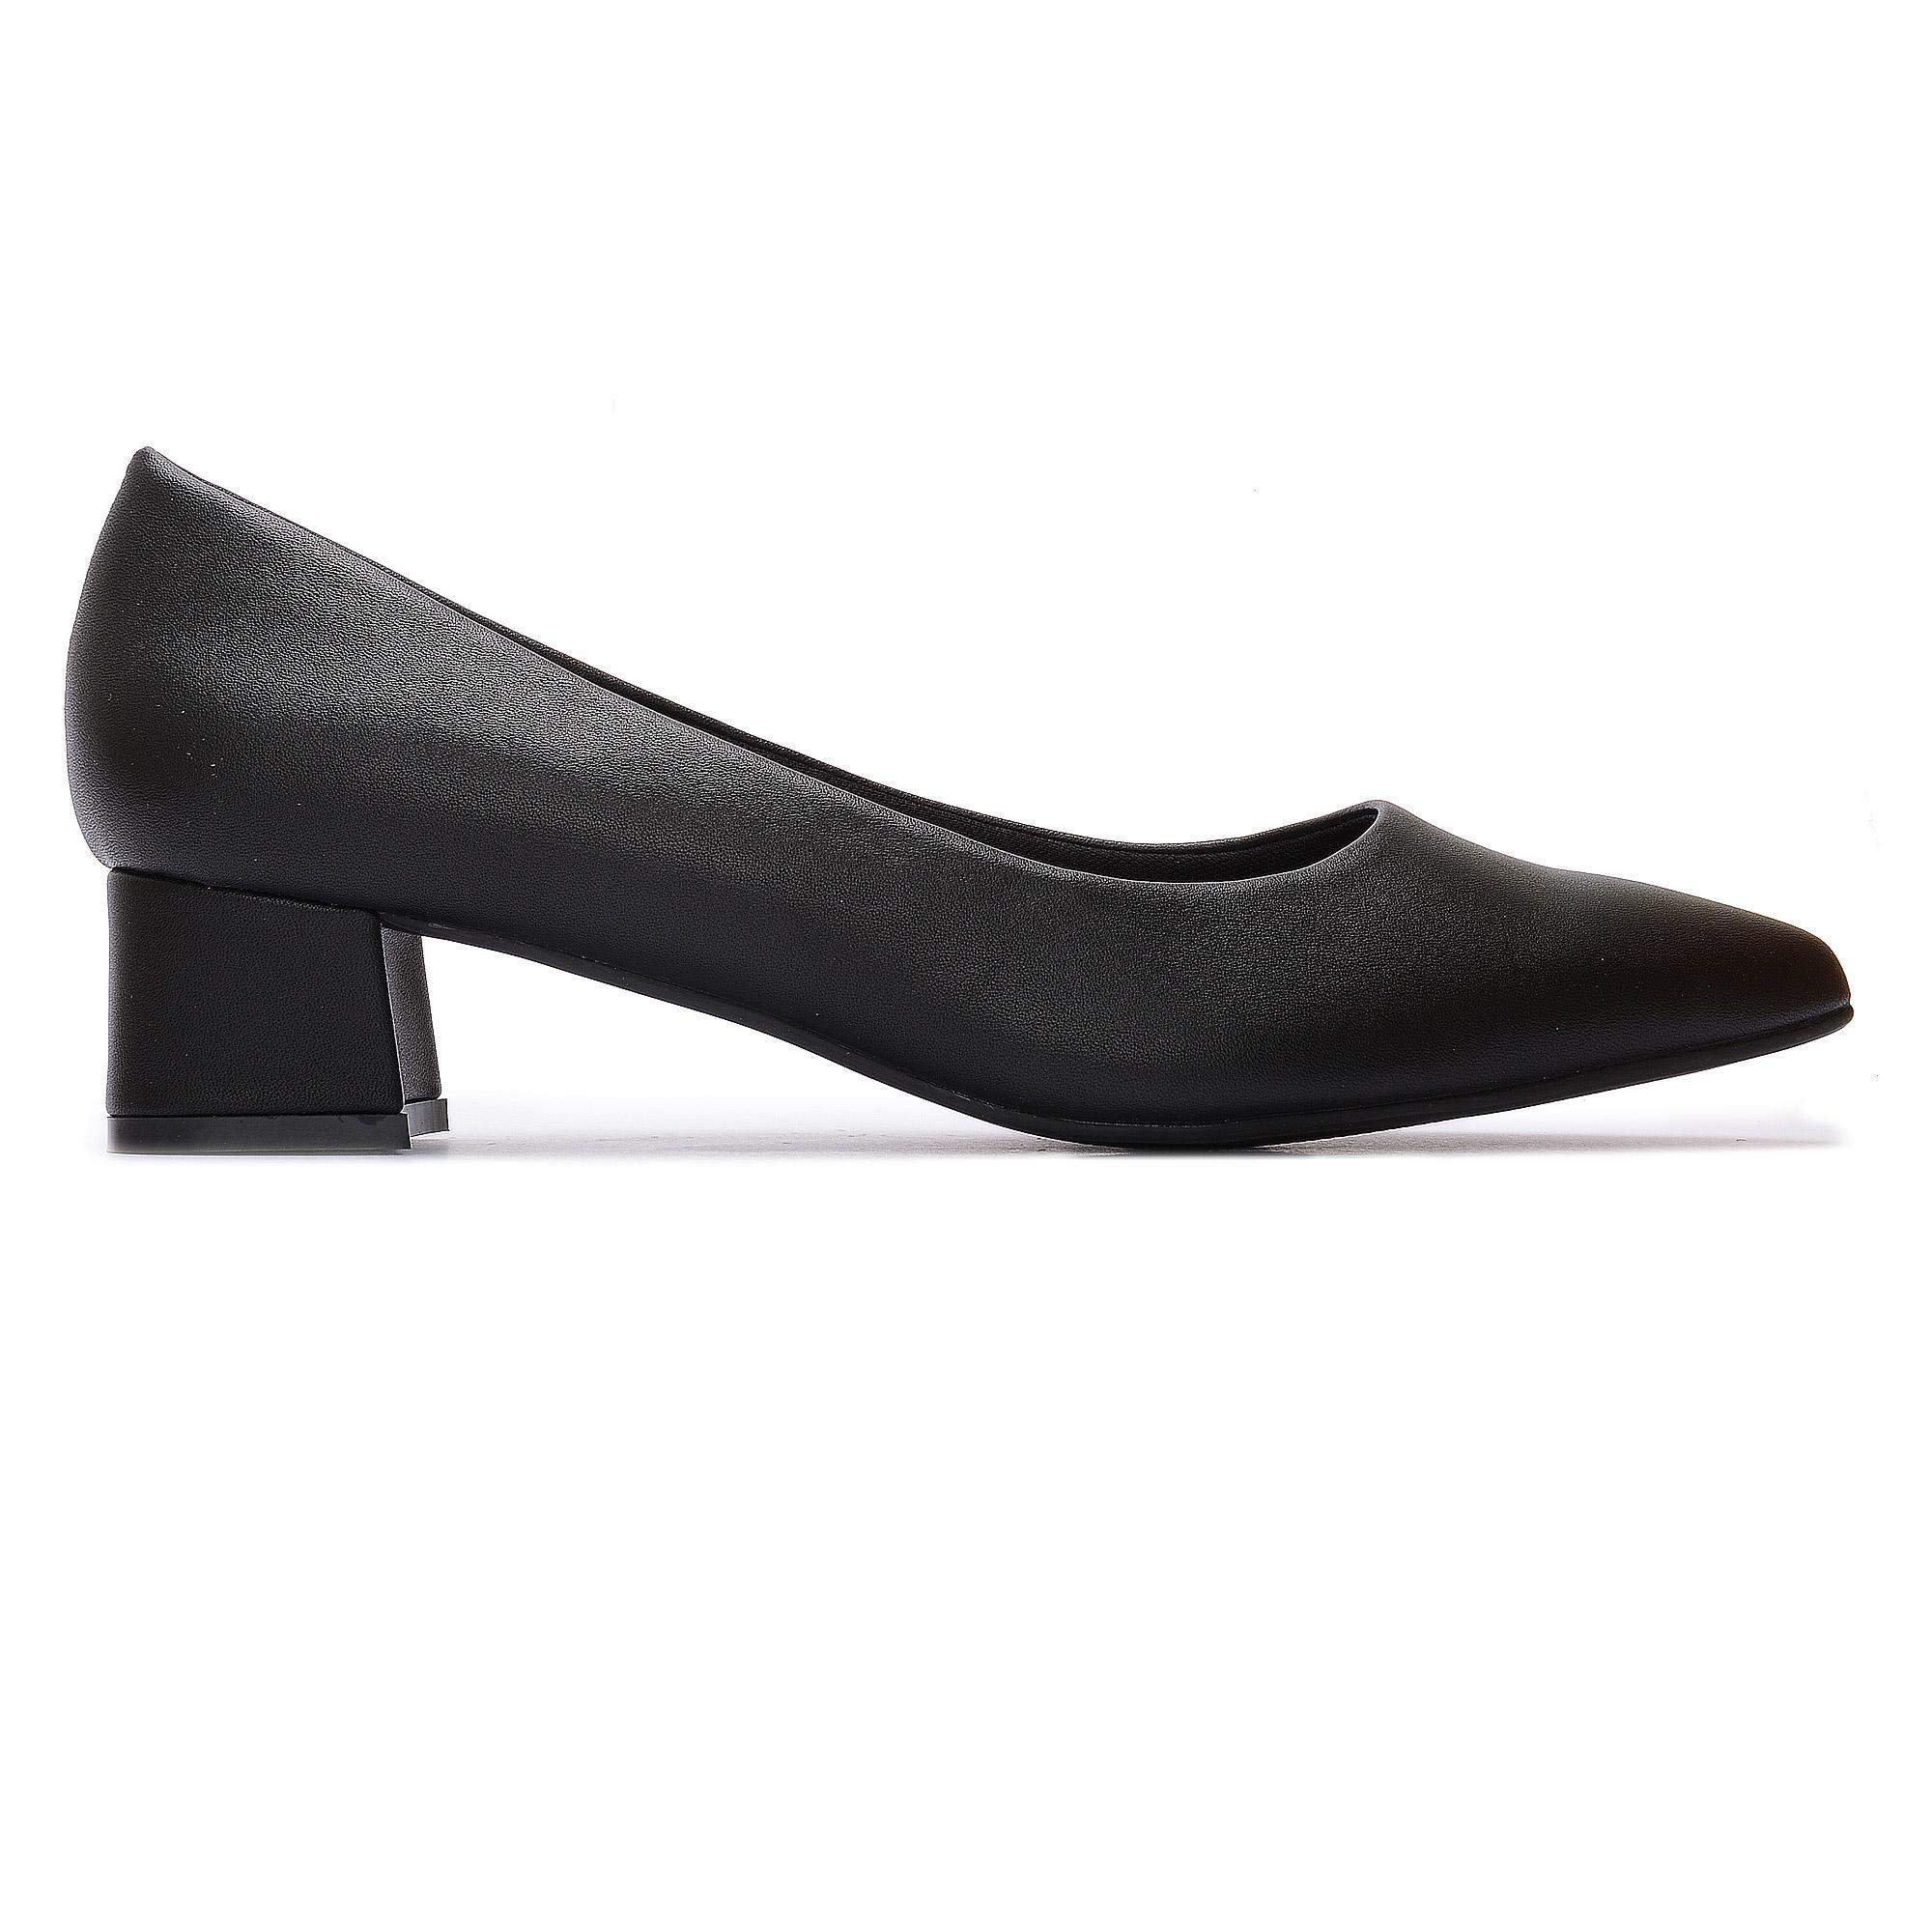 Bata Ladies Blocked Heels 6116115 By Bata.